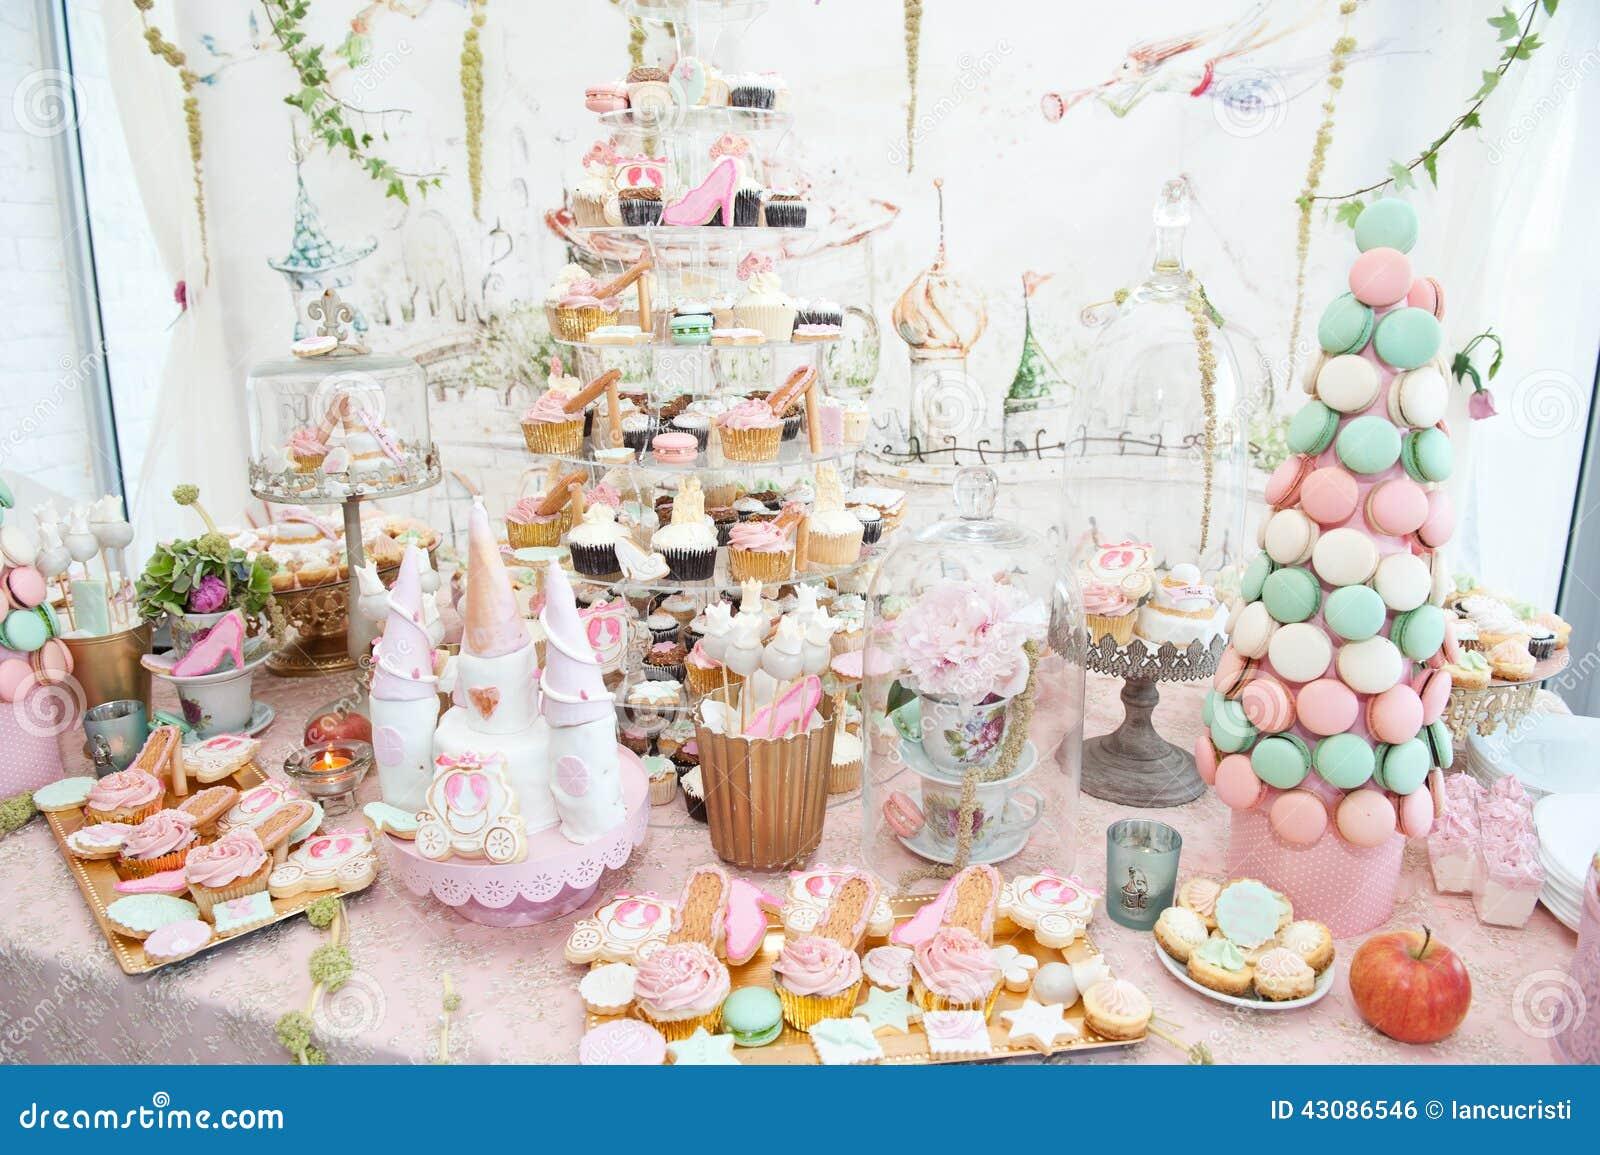 la d coration de mariage avec le pastel a color des petits g teaux des meringues des petits. Black Bedroom Furniture Sets. Home Design Ideas